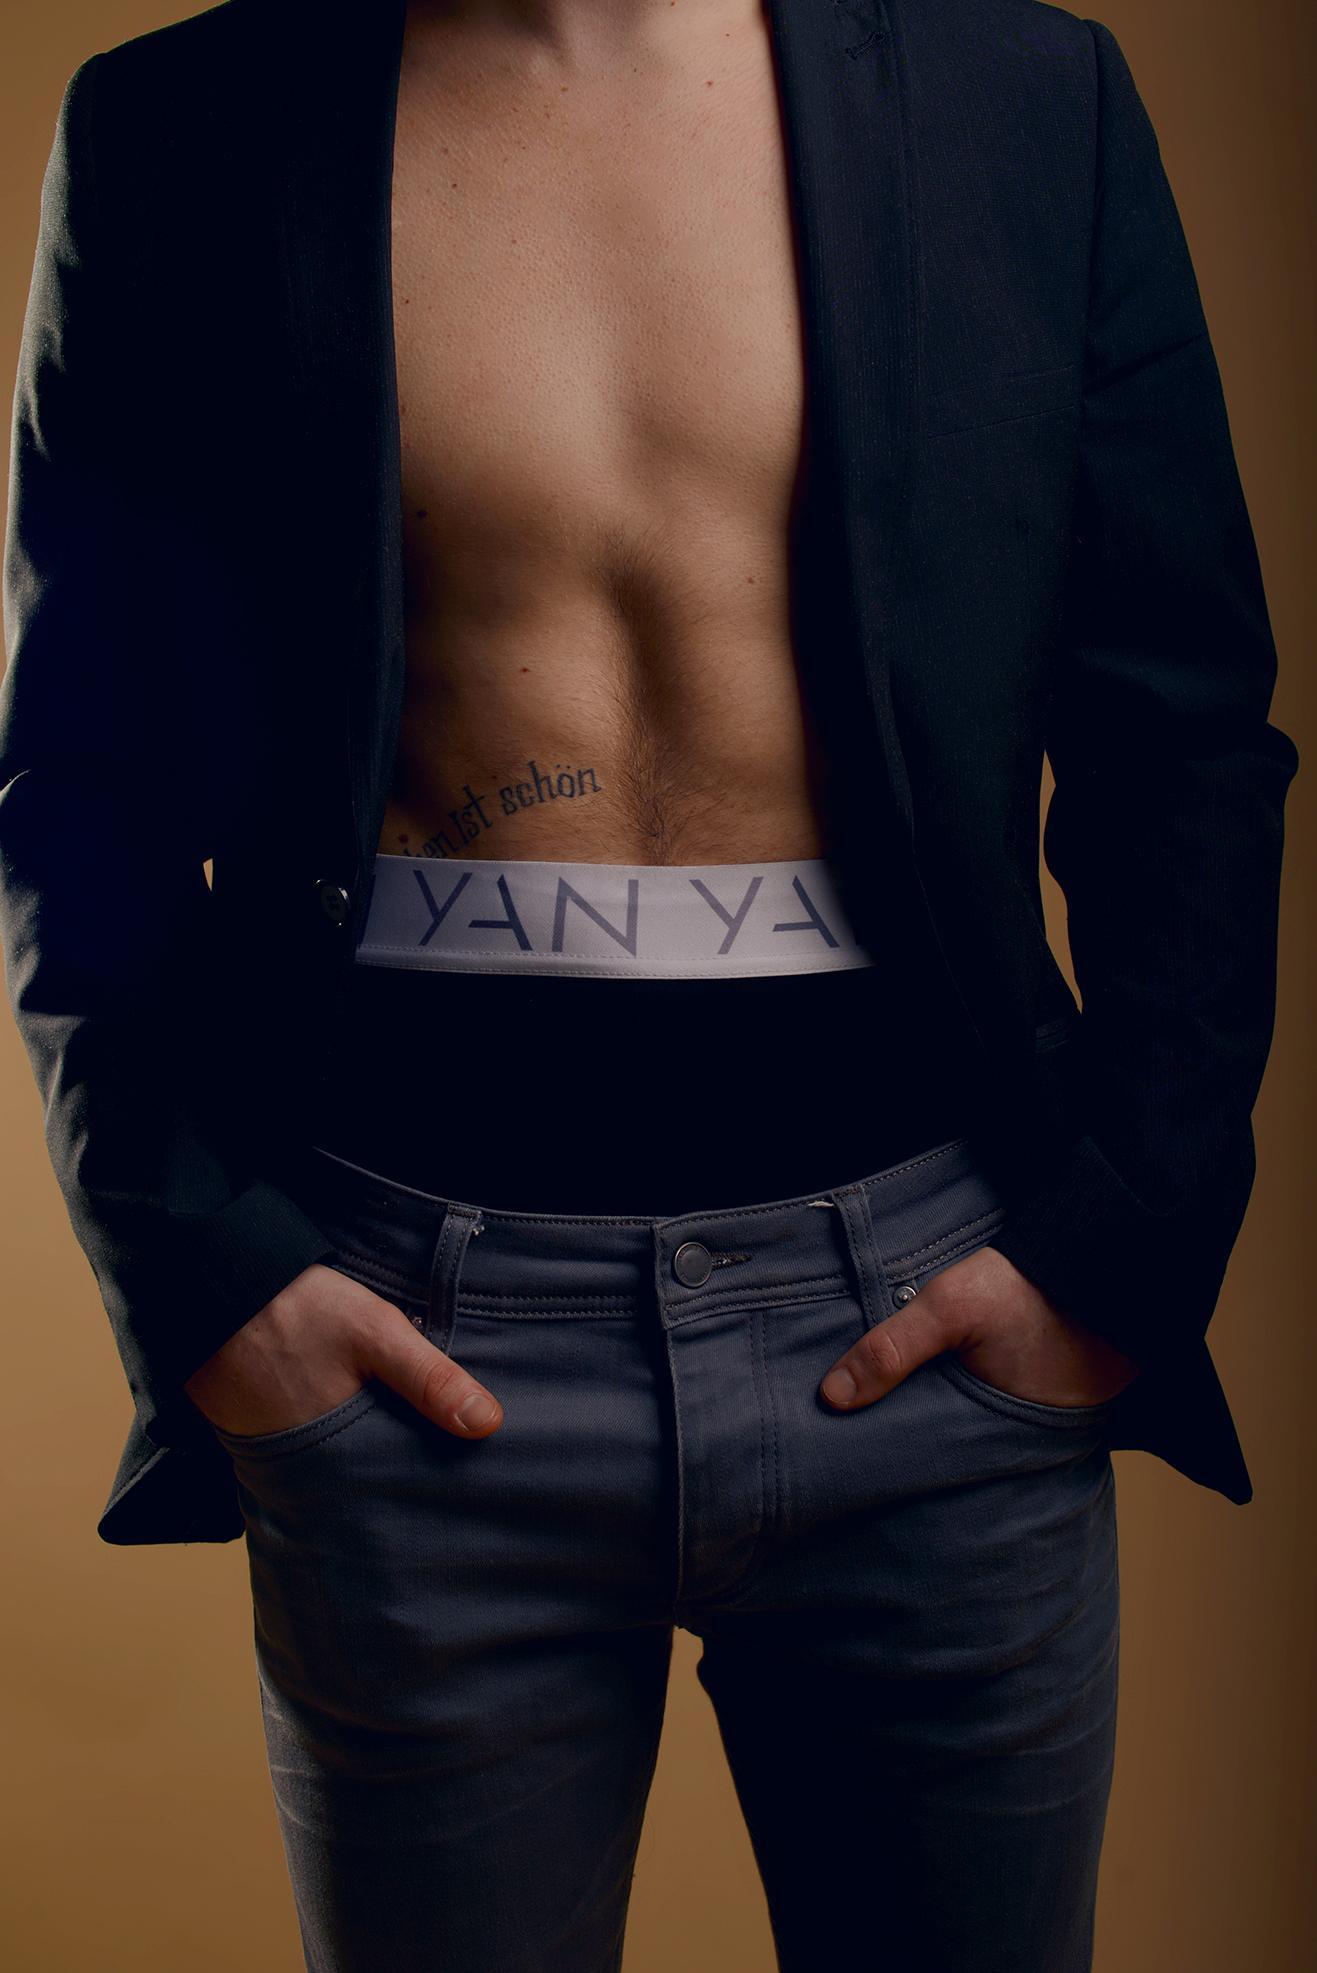 ostomy_underwear